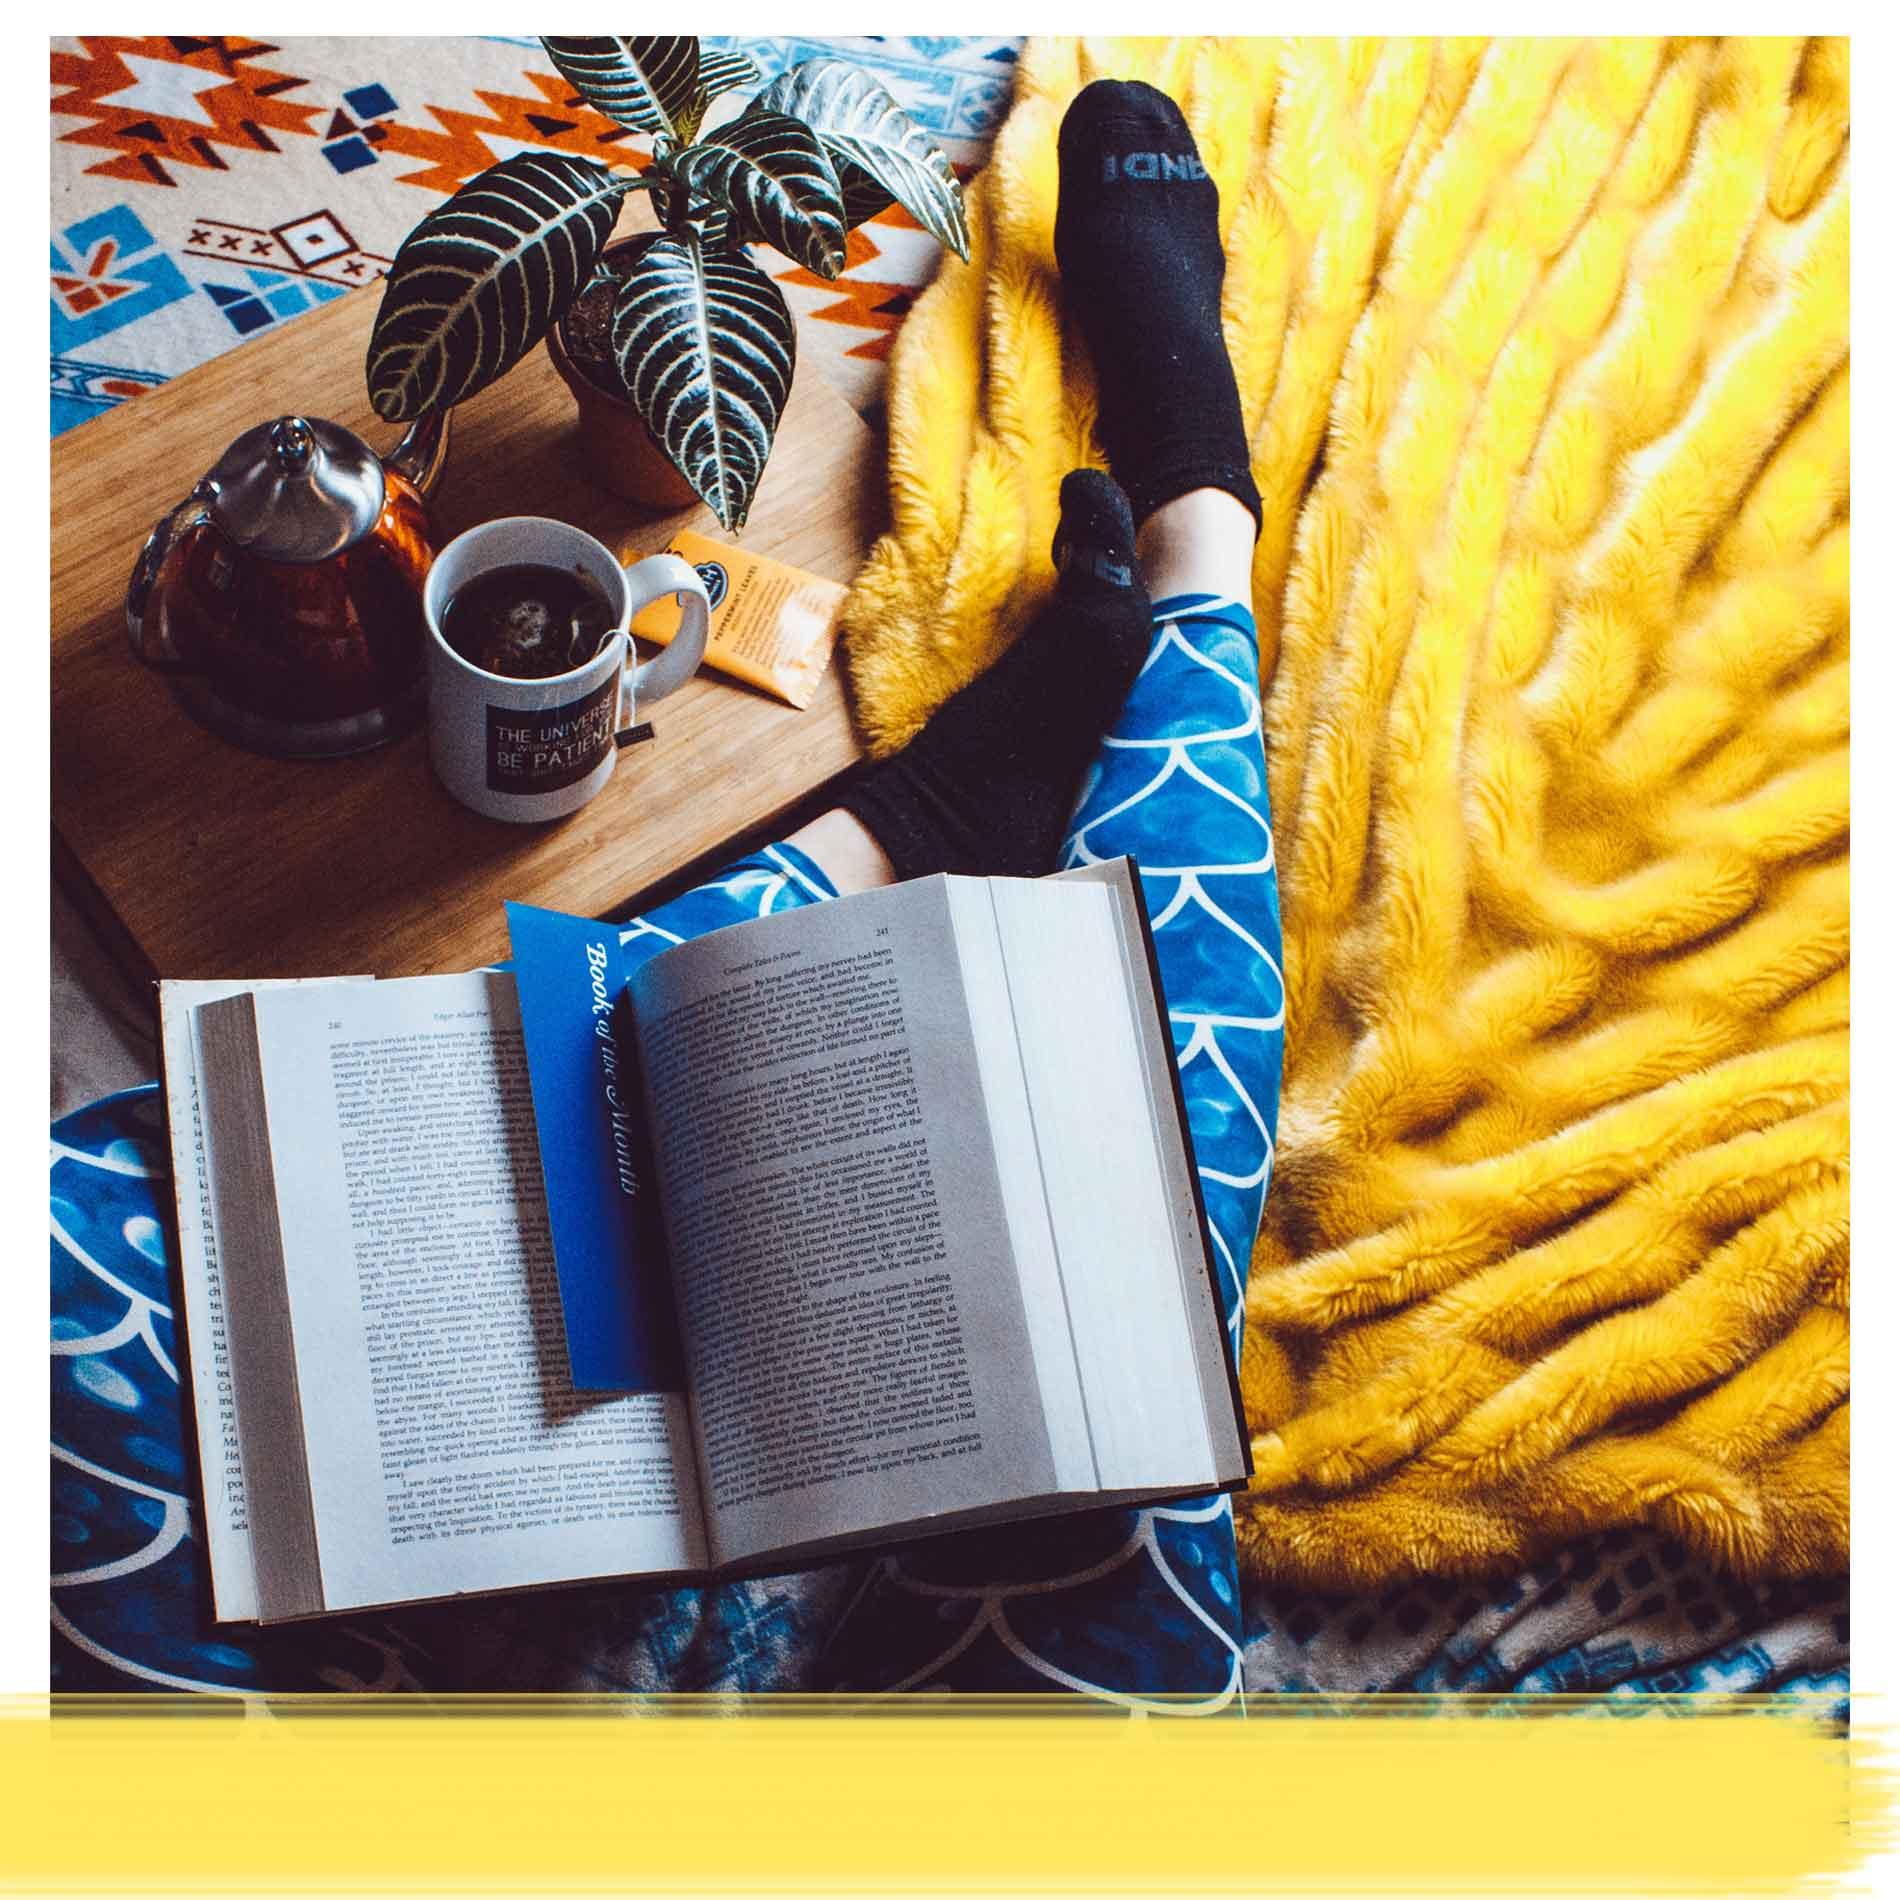 Die schönsten Kuscheldecken für zu Hause, Home Textilien, decken für mehr Gemütlichkeit, Hom, Interior, Inneneinrichtung, Leben, Wohnen, Kuscheldecken, Plaids, Tagesdecken